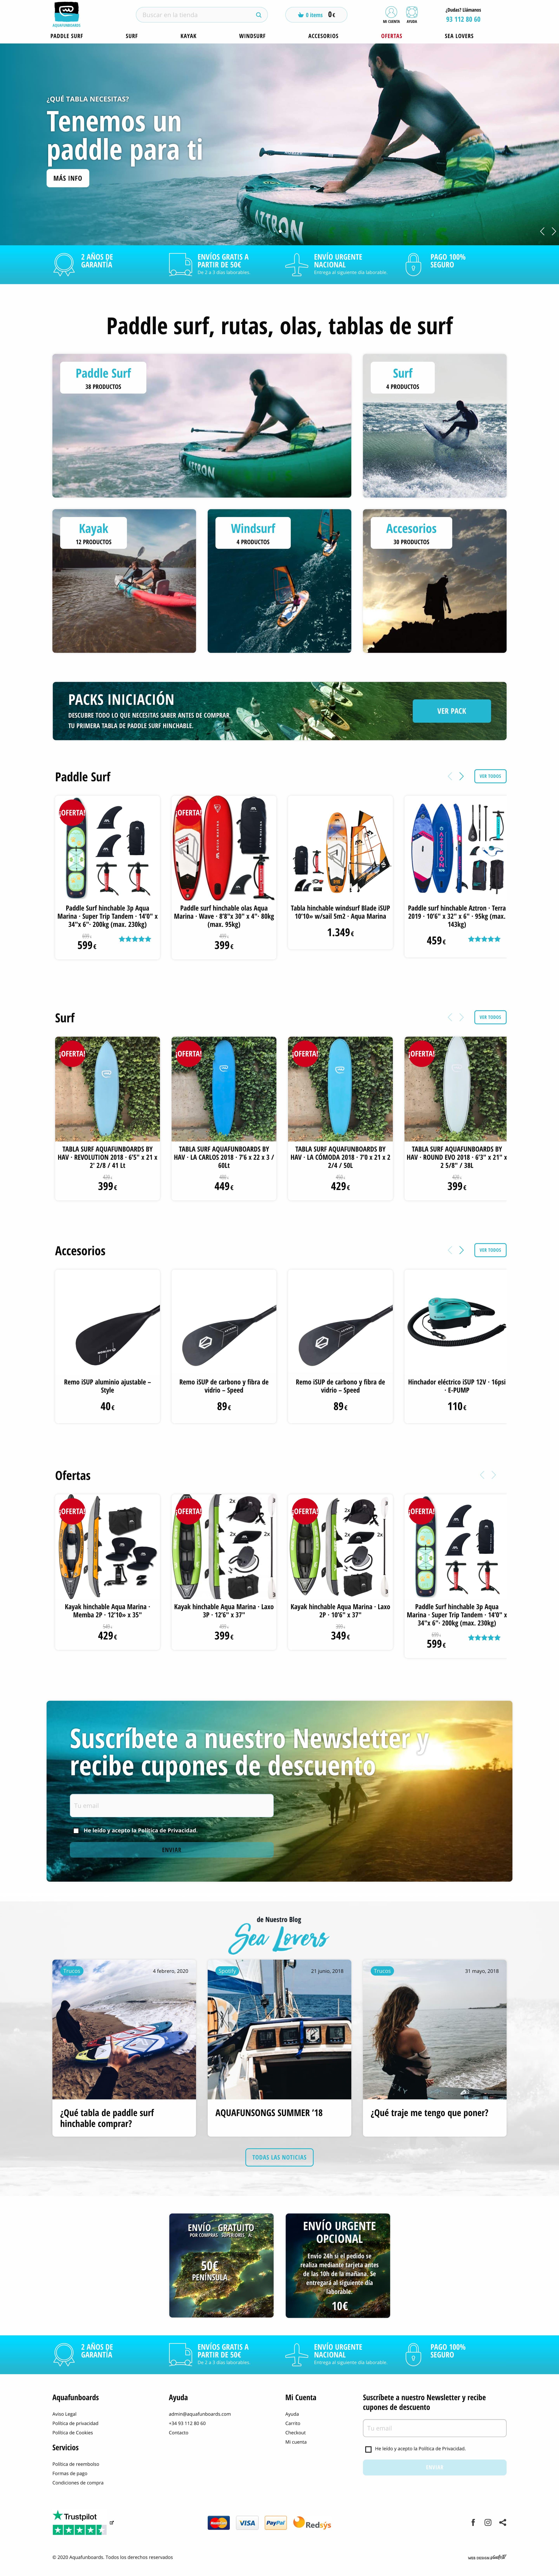 Aquafun Boards tienda online homepage